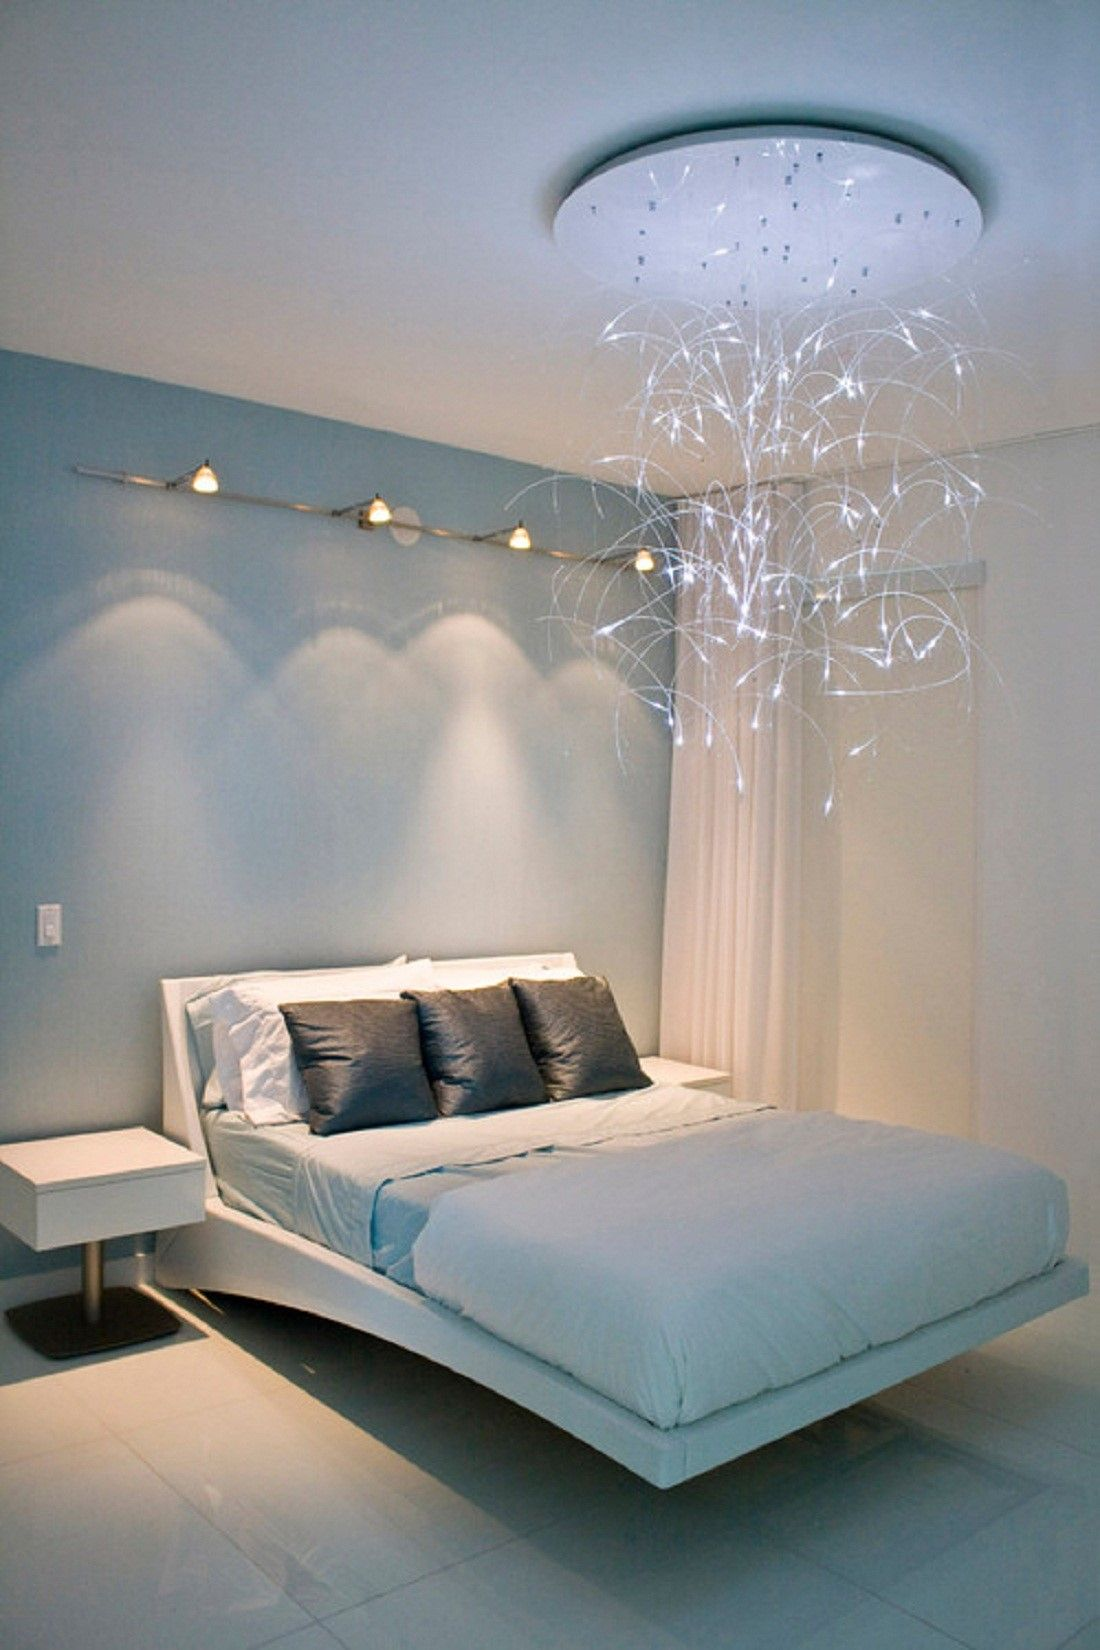 Amazing 16 bedroom lighting fixtures for providing bright spots usanic also bedroom light fixtures www